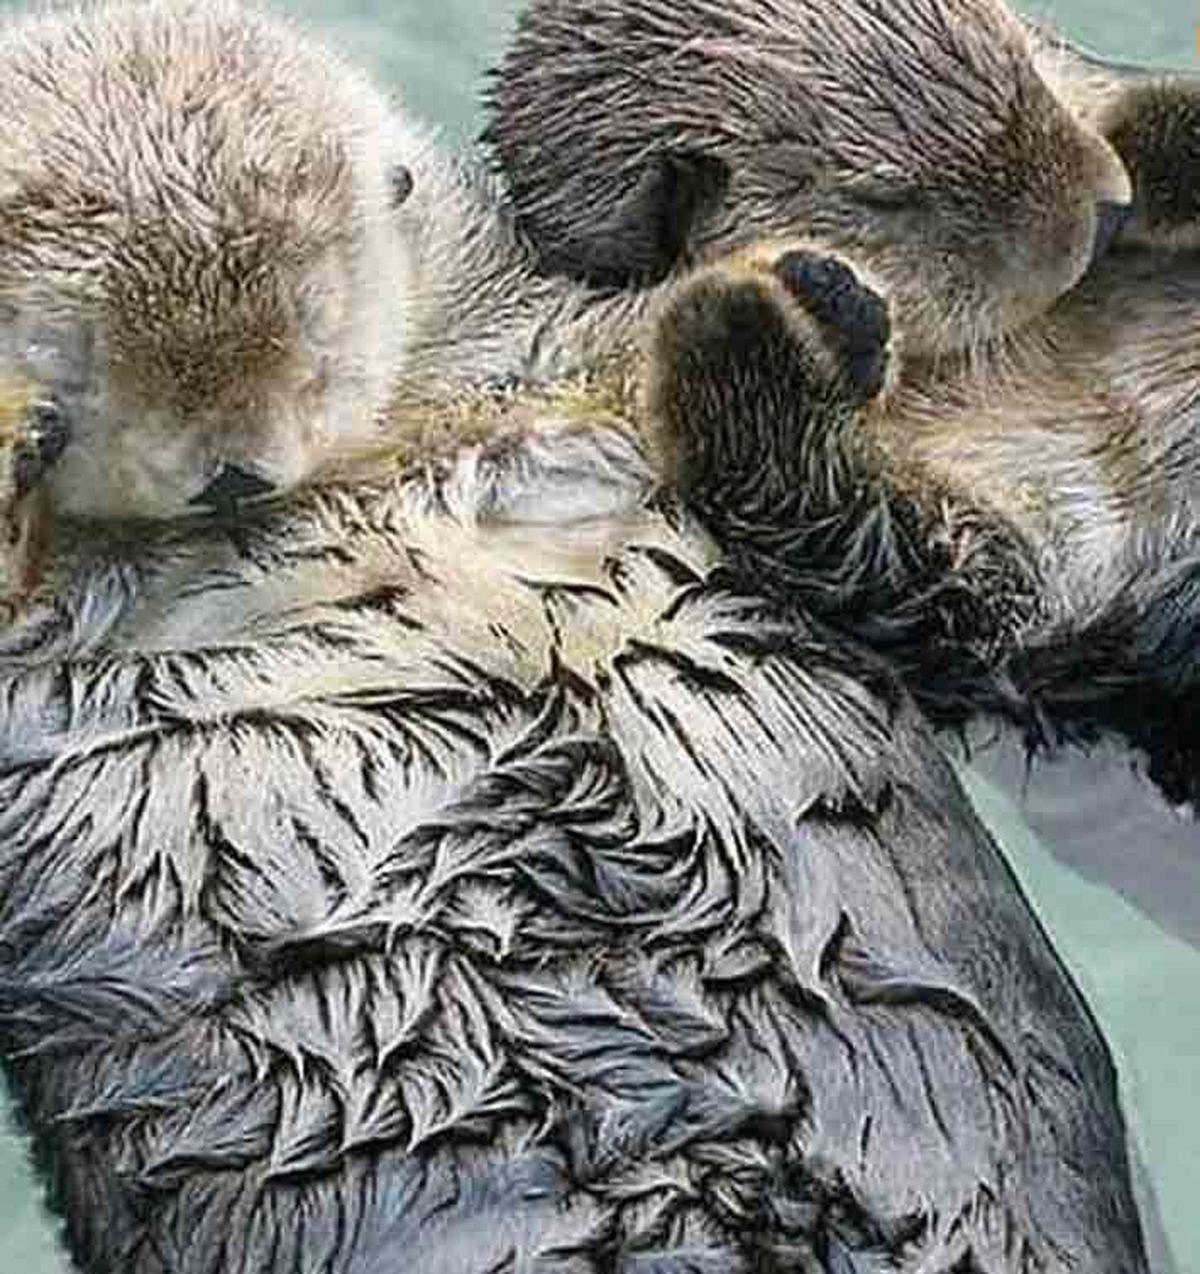 سمورها در خواب دست همدیگر را می گیرند|عکس